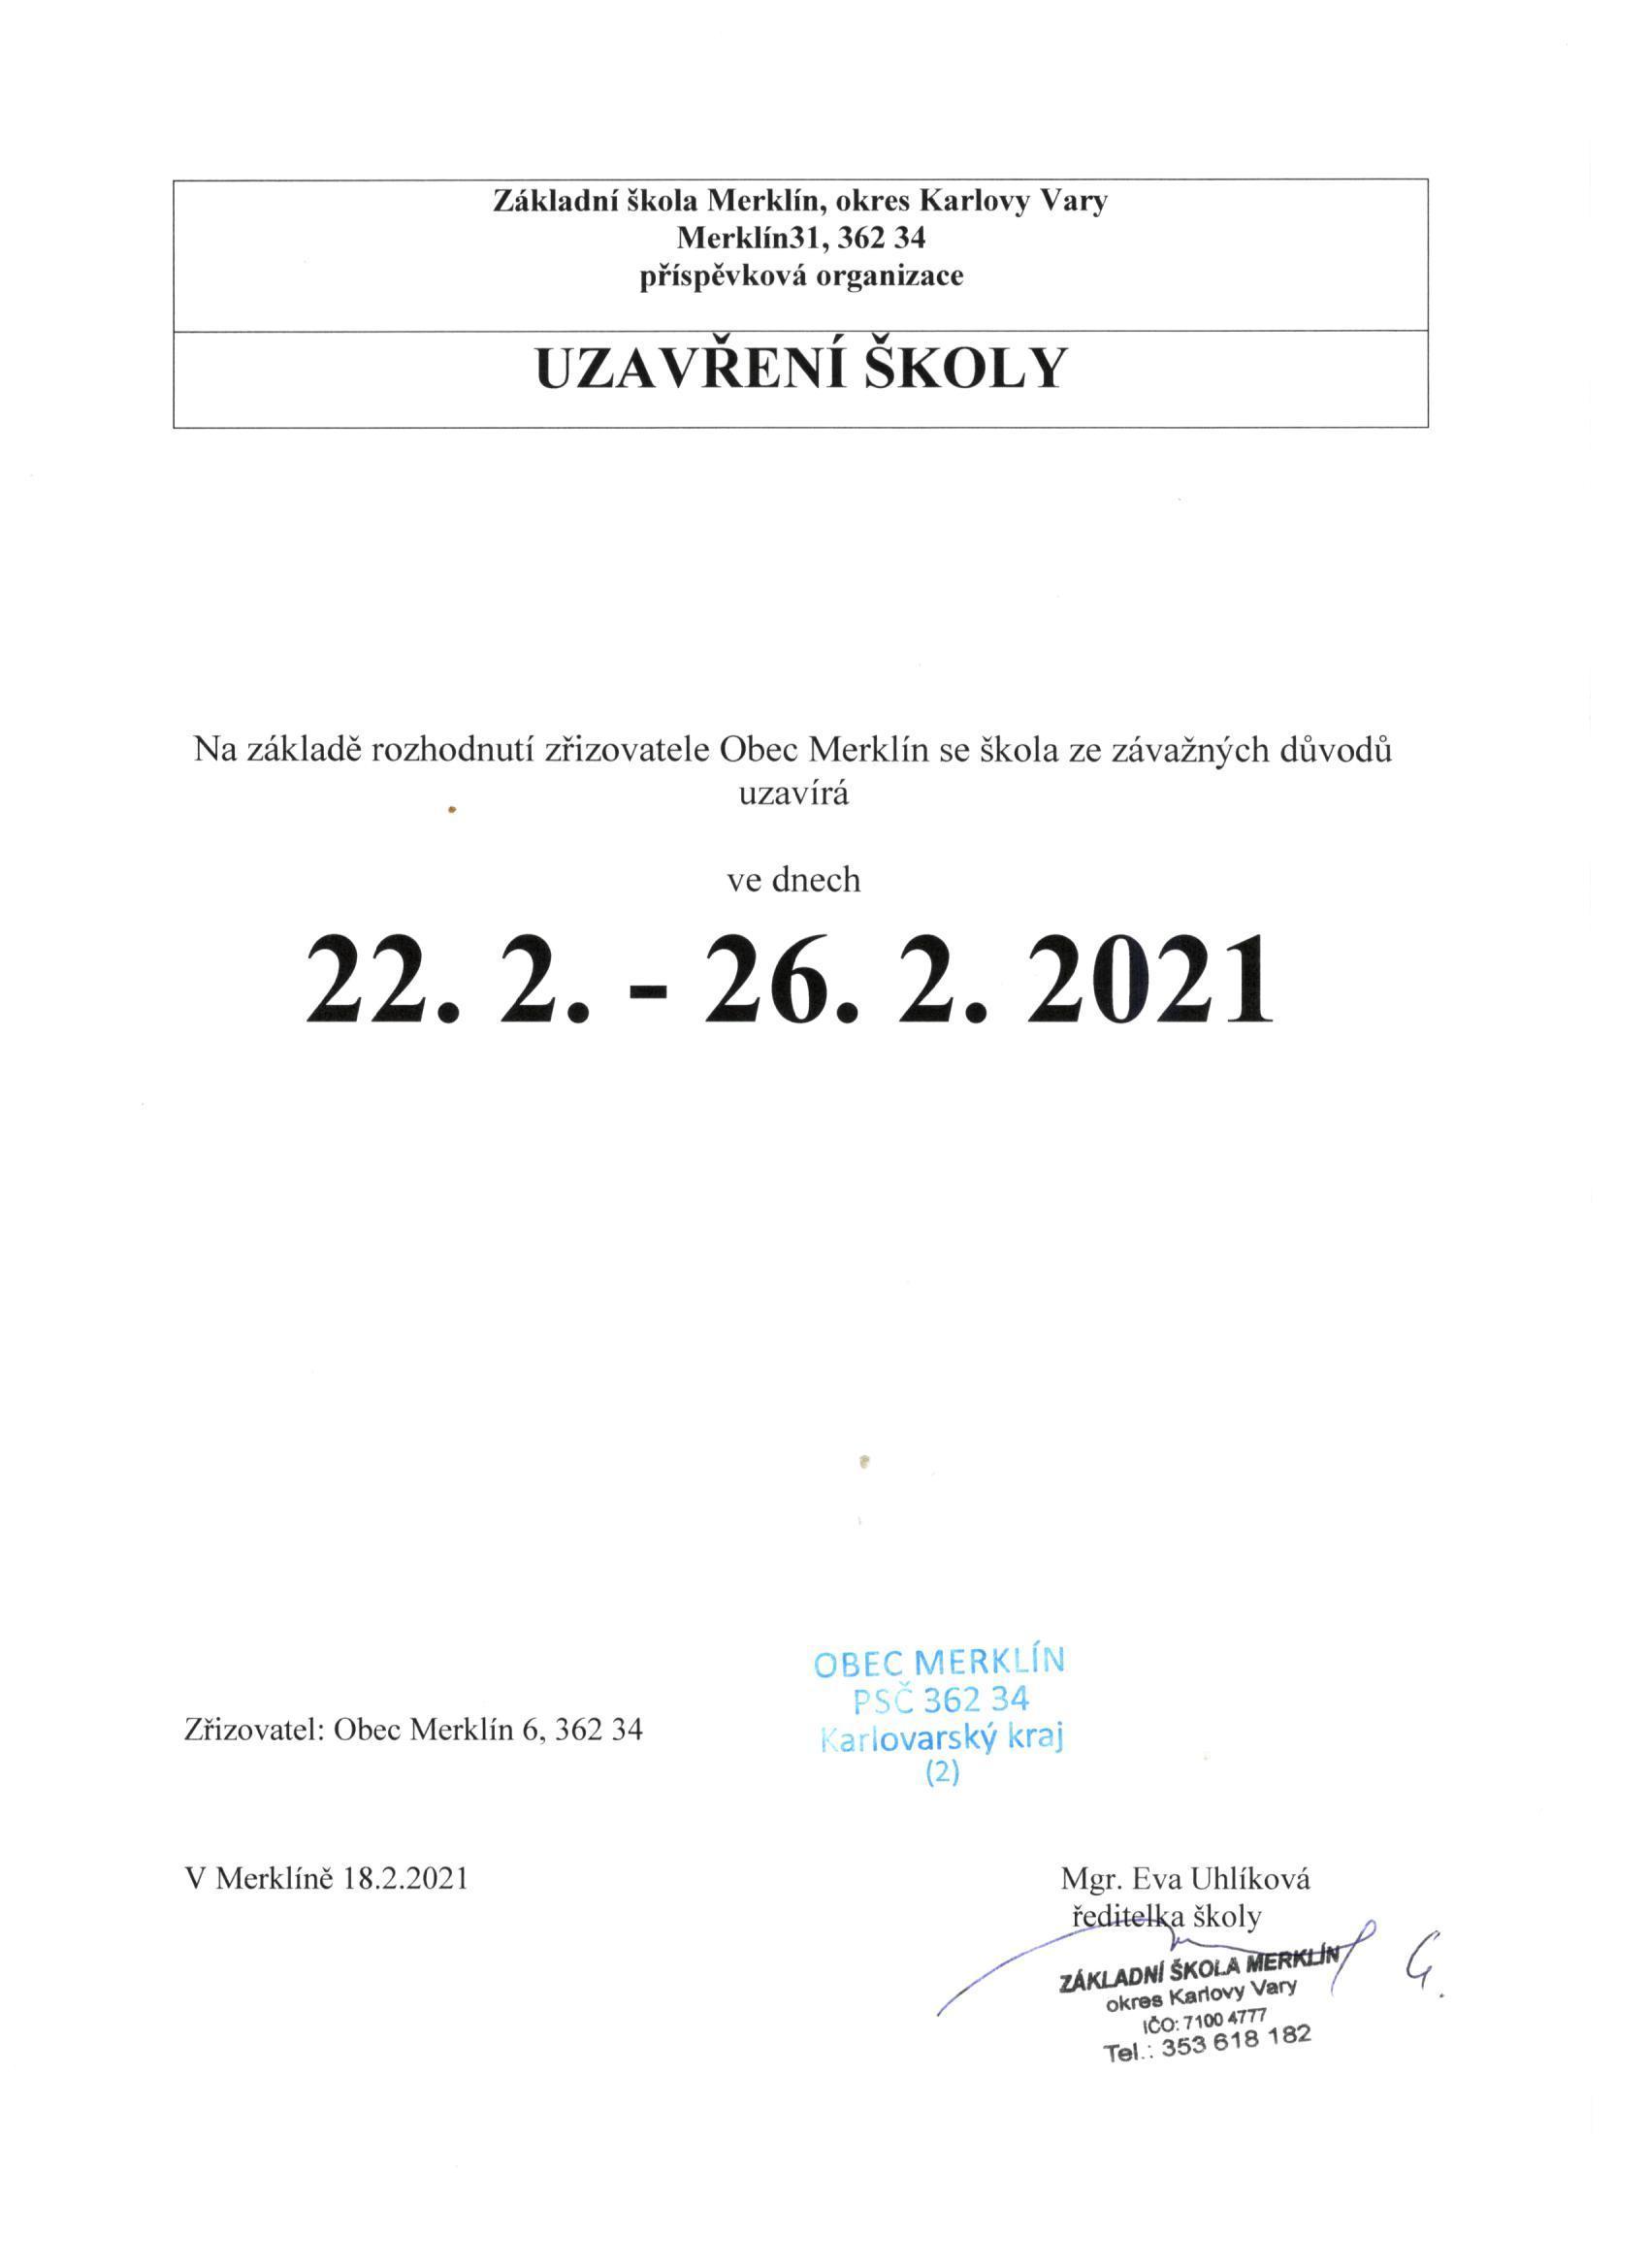 Uzavření školy do 26. 2. 2021